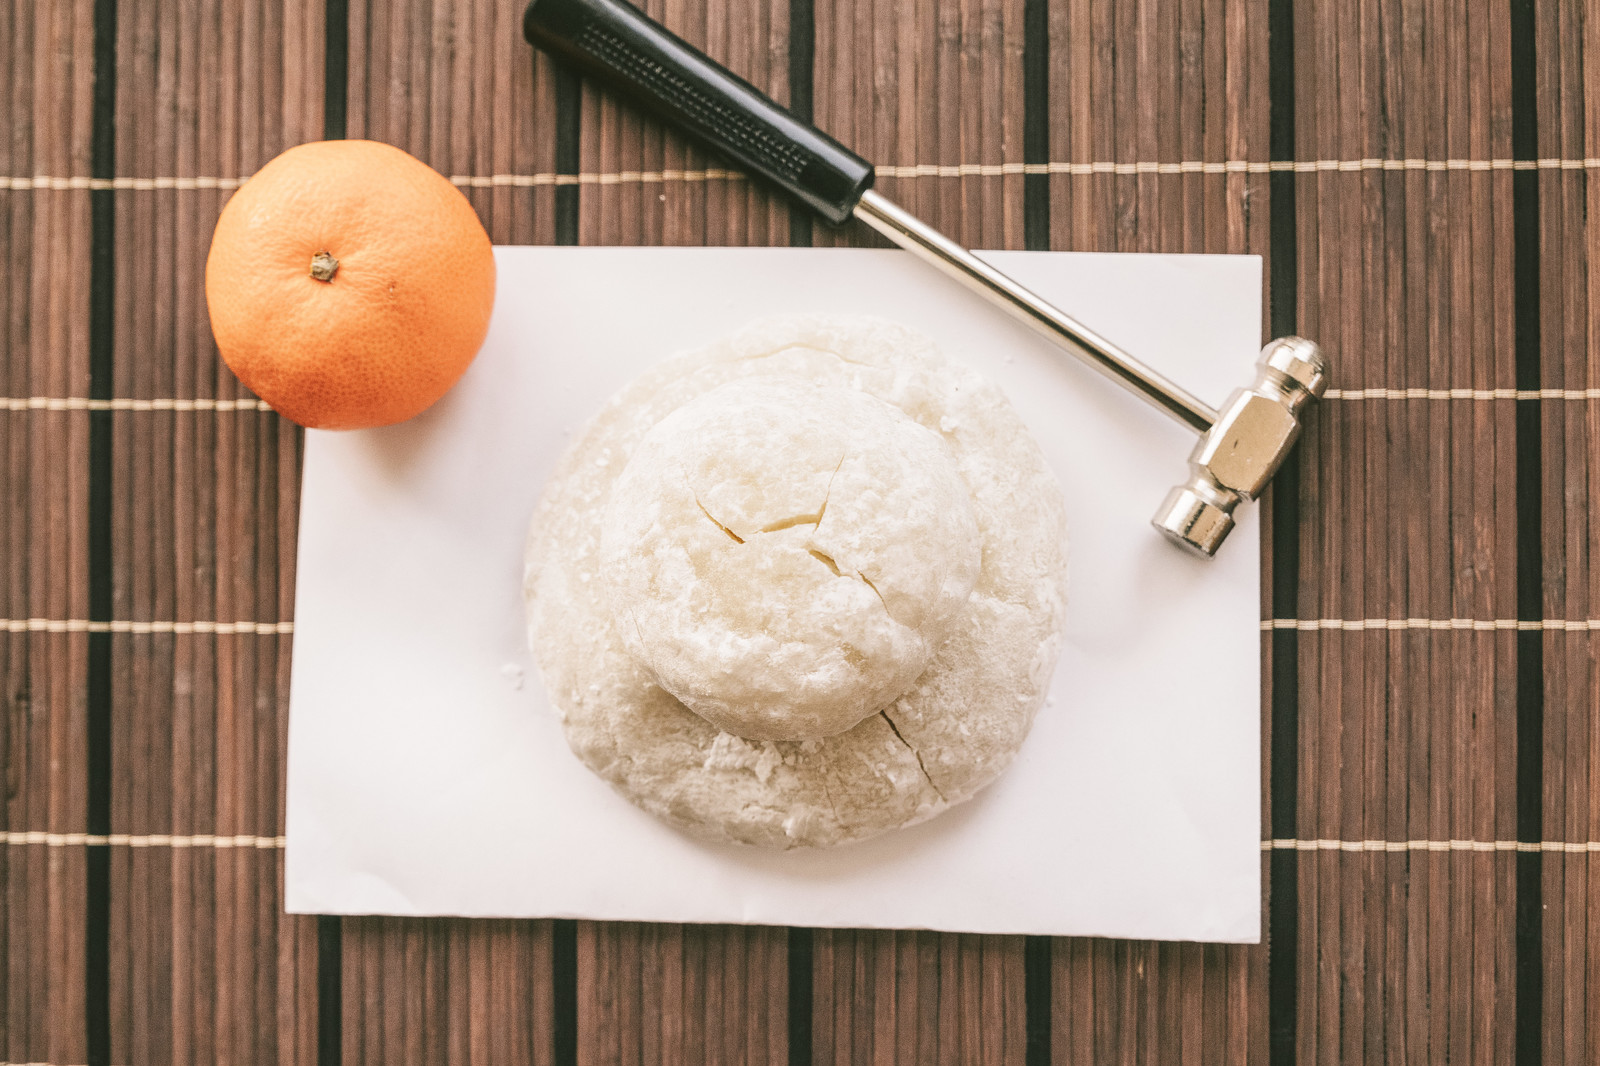 「乾いた鏡餅と金槌乾いた鏡餅と金槌」のフリー写真素材を拡大